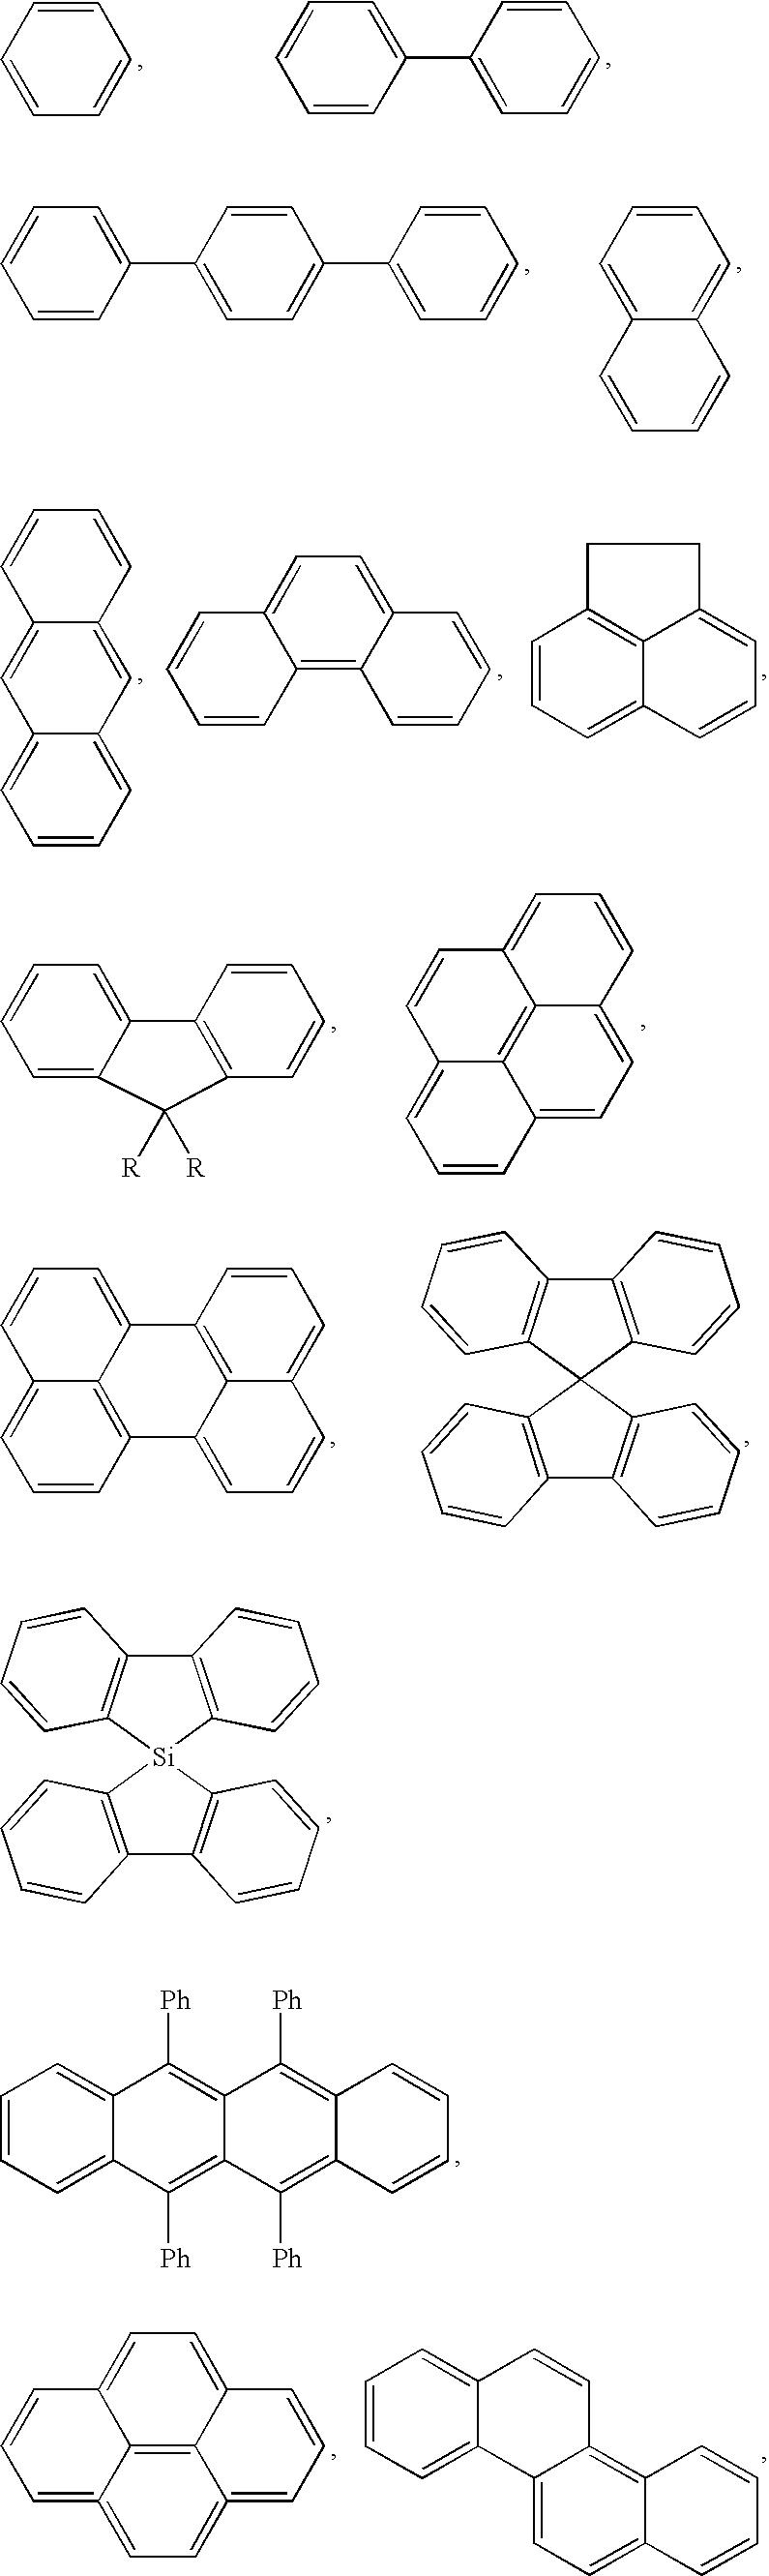 Figure US20070107835A1-20070517-C00006